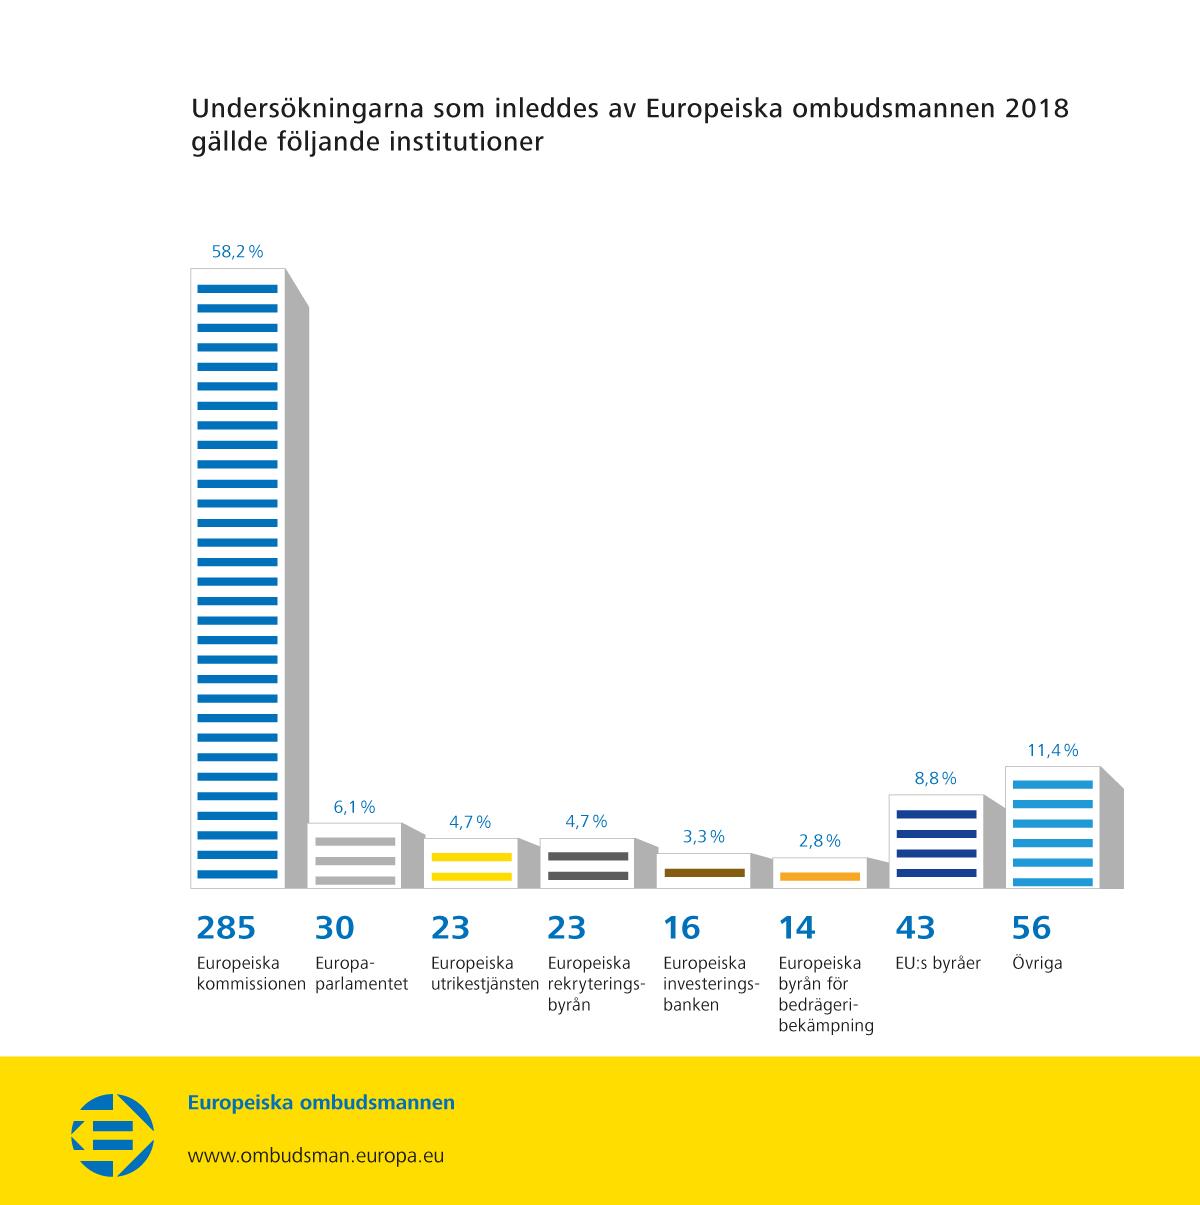 Undersökningarna som inleddes av Europeiska ombudsmannen 2018 gällde följande institutioner